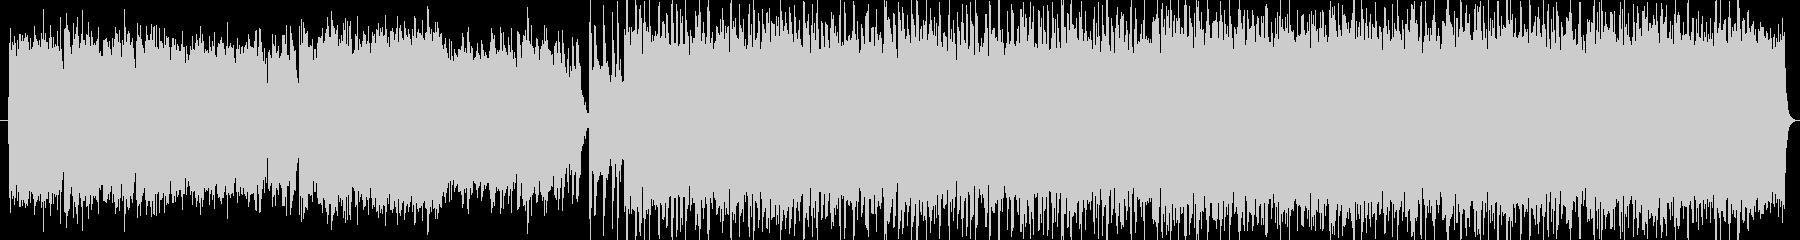 ピアノから始まるロックサウンドの未再生の波形